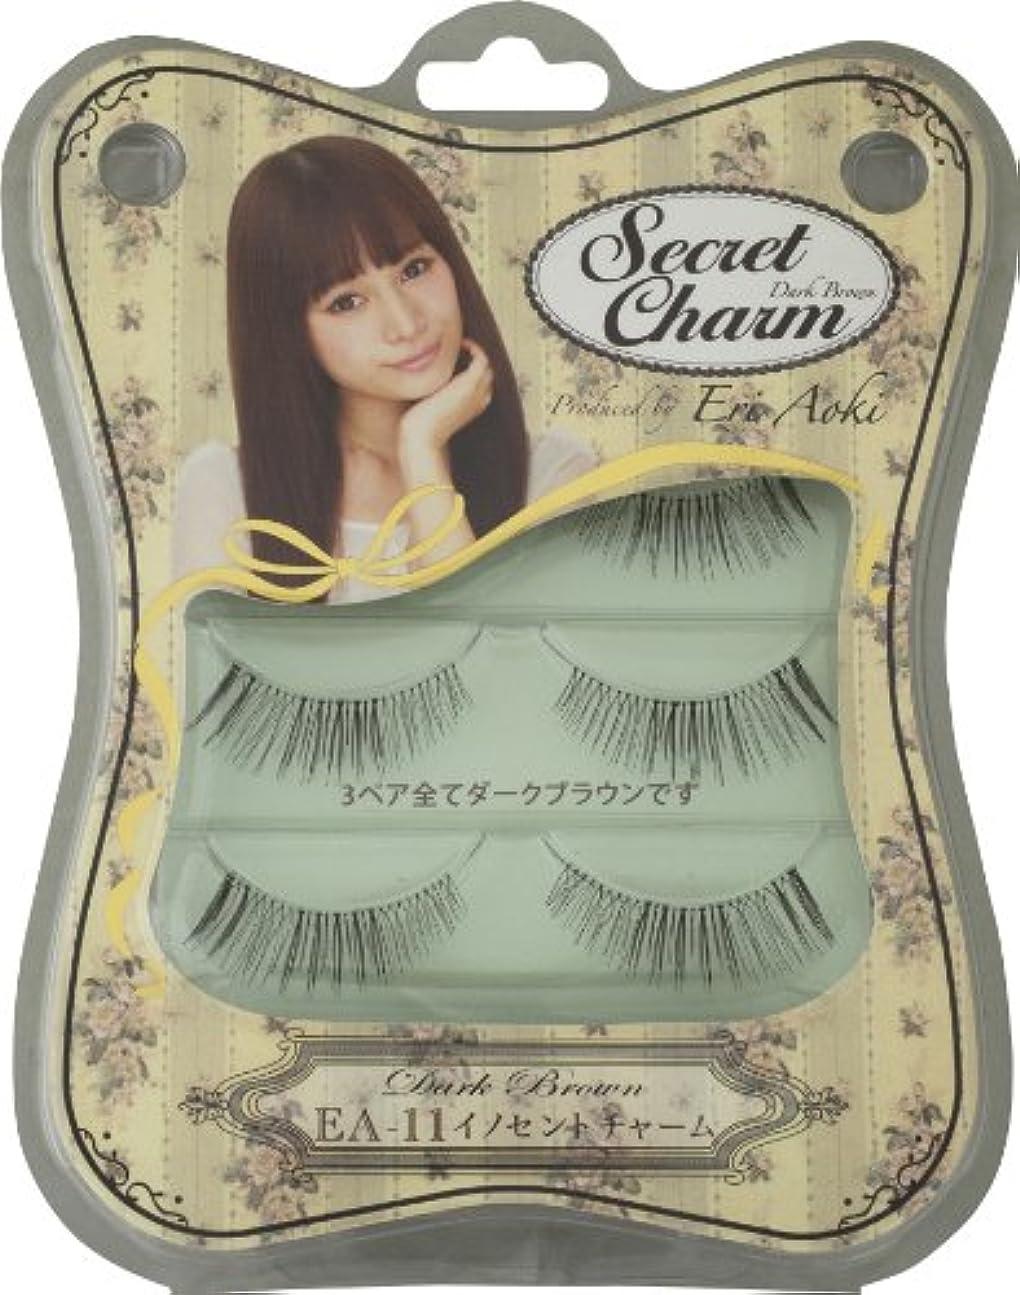 申請中チーズ虫を数えるSecret Charm イノセントチャーム/ダークブラウン/フルタイプ